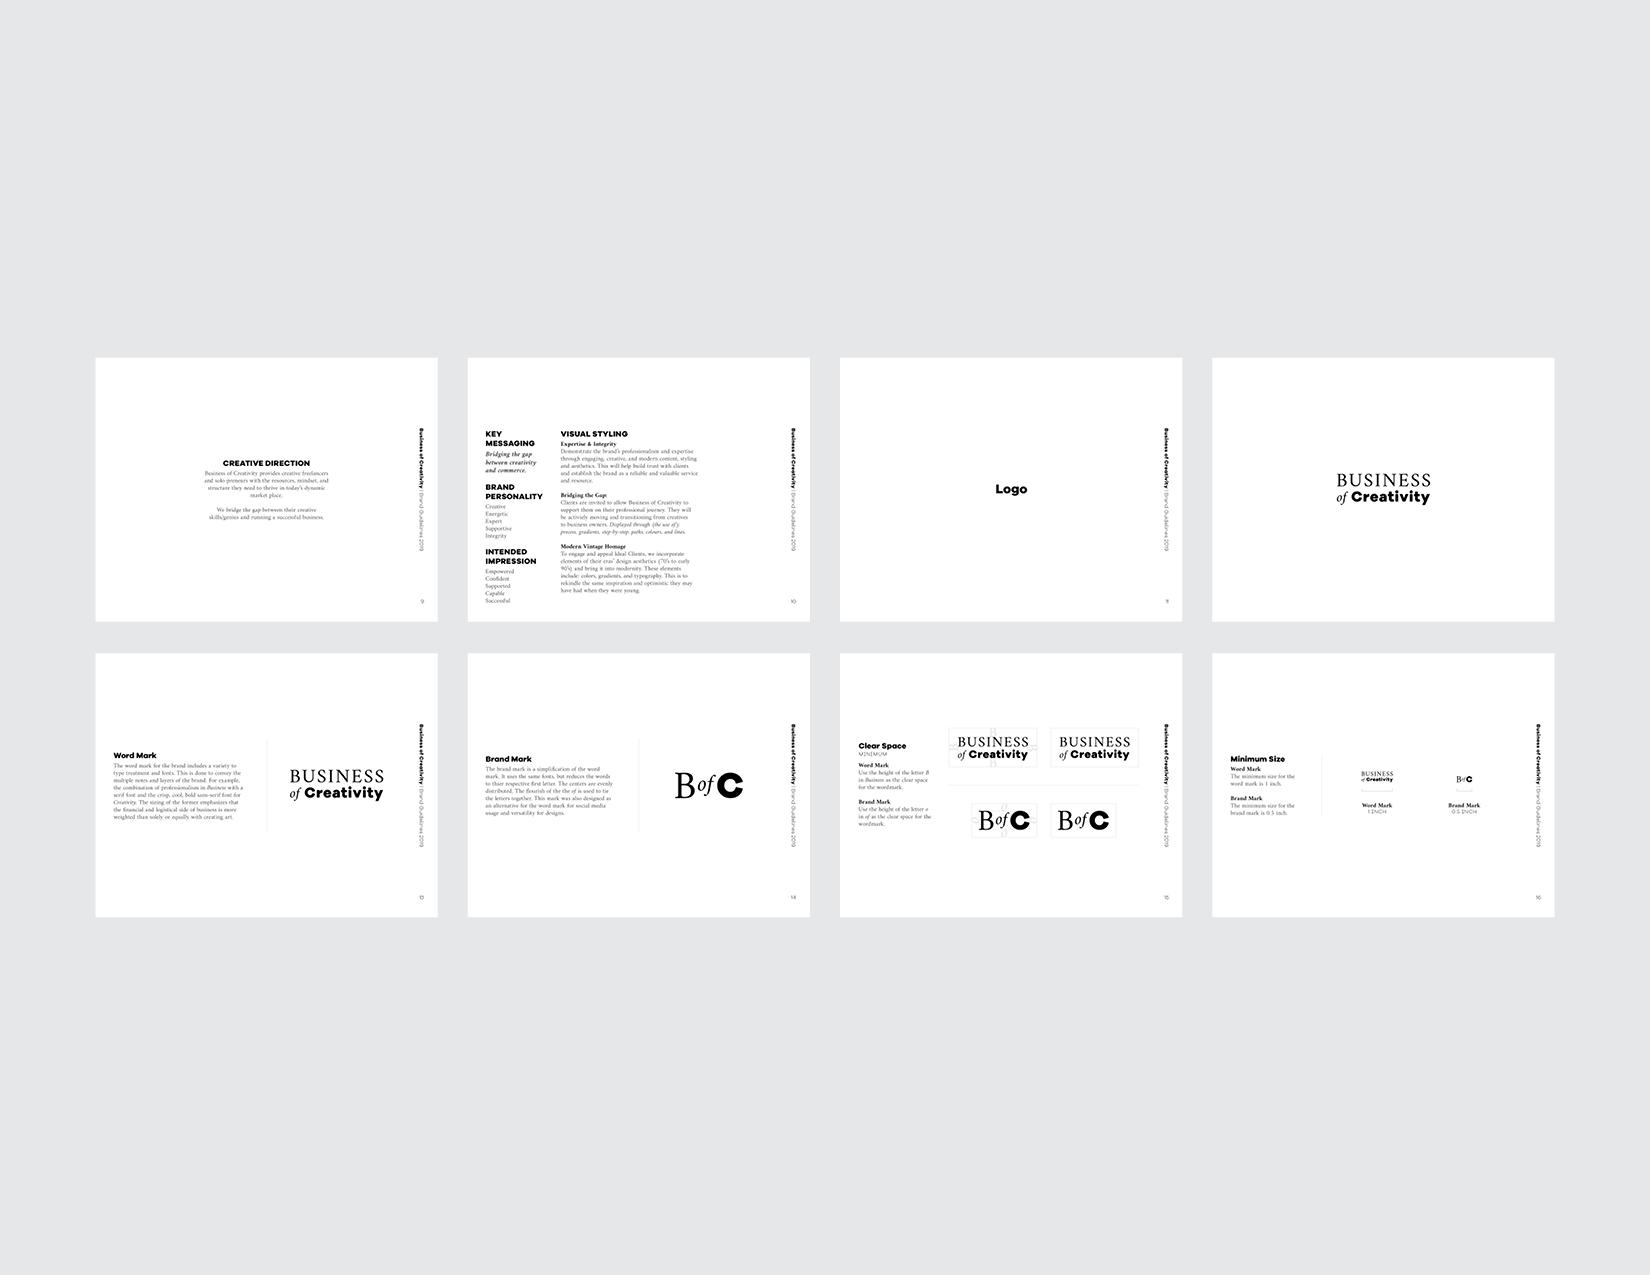 BOC-branding_guidelines-overview2.jpg